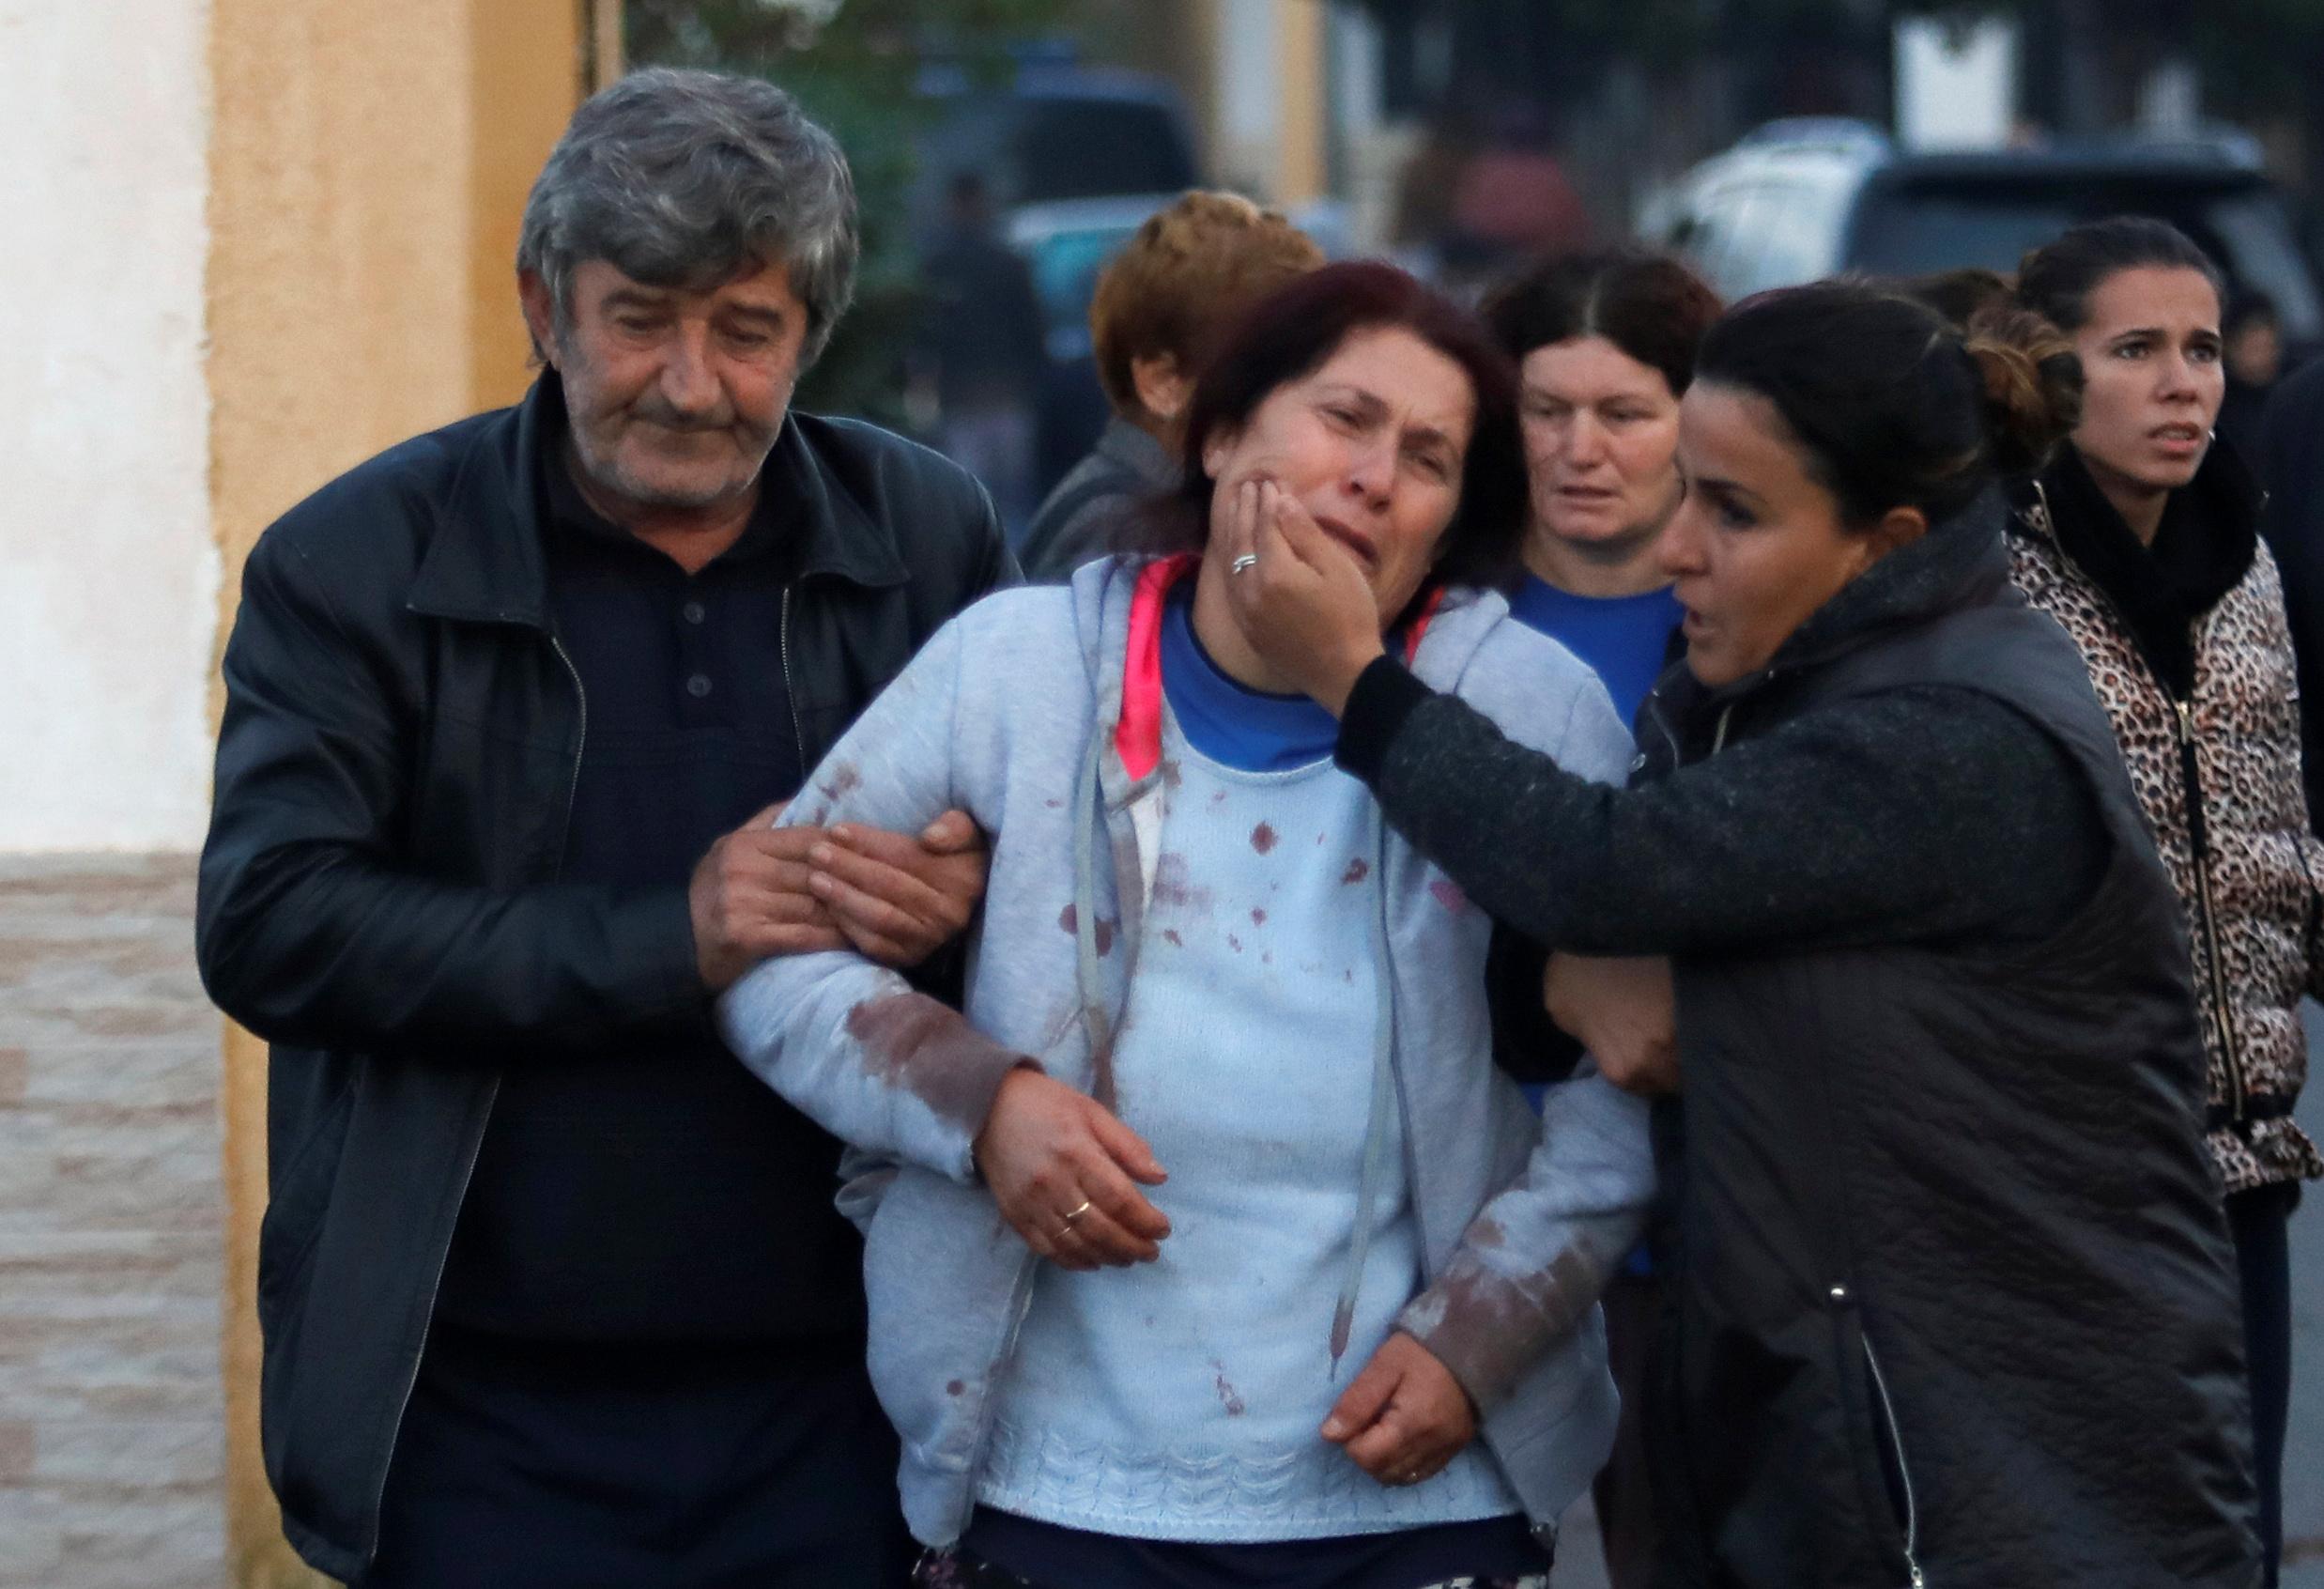 Ο σεισμός στην Αλβανία άφησε μια χώρα ρημαγμένη